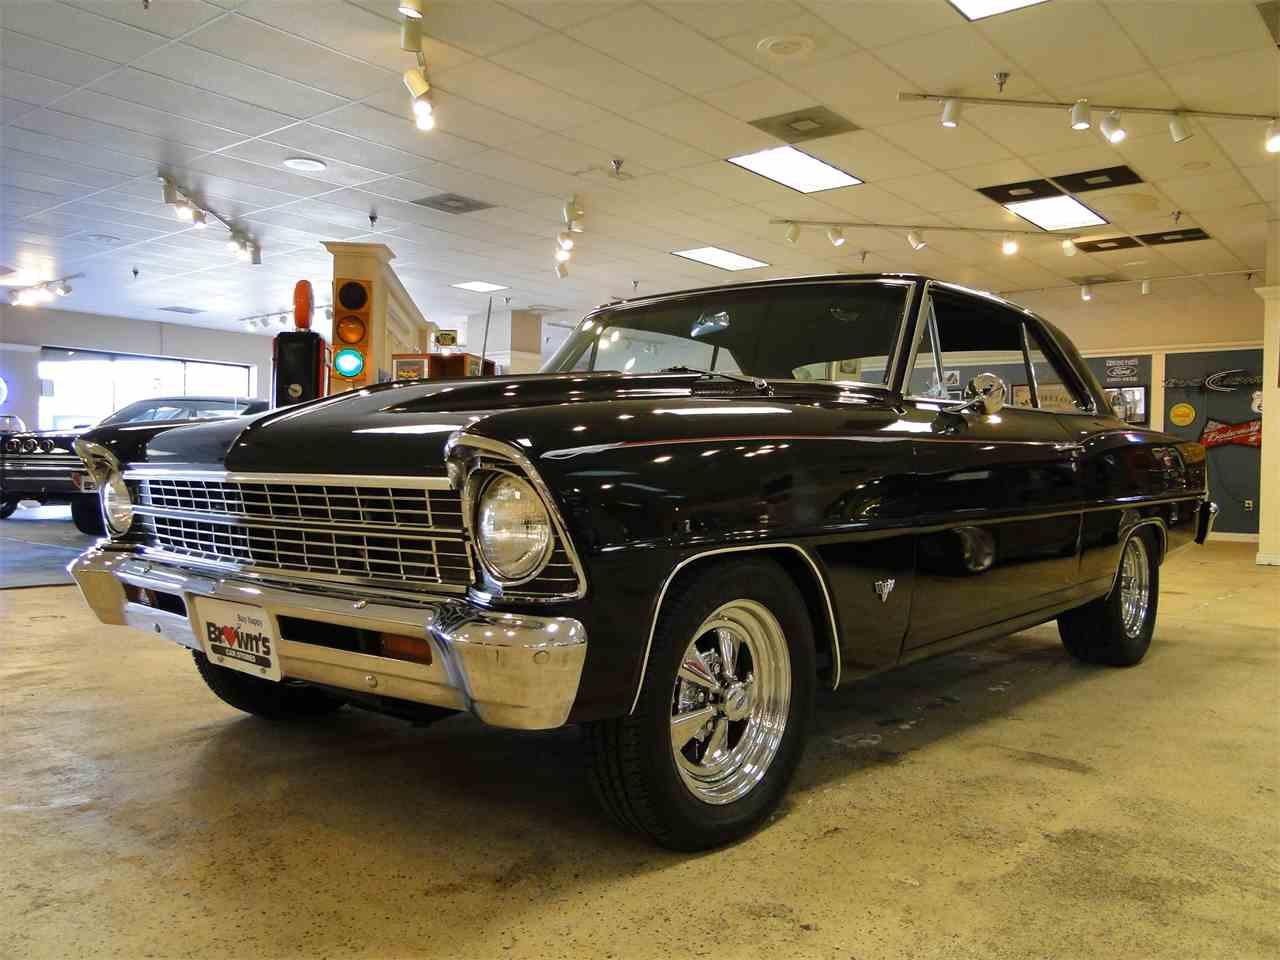 1967 Chevrolet Nova for Sale | ClassicCars.com | CC-975866